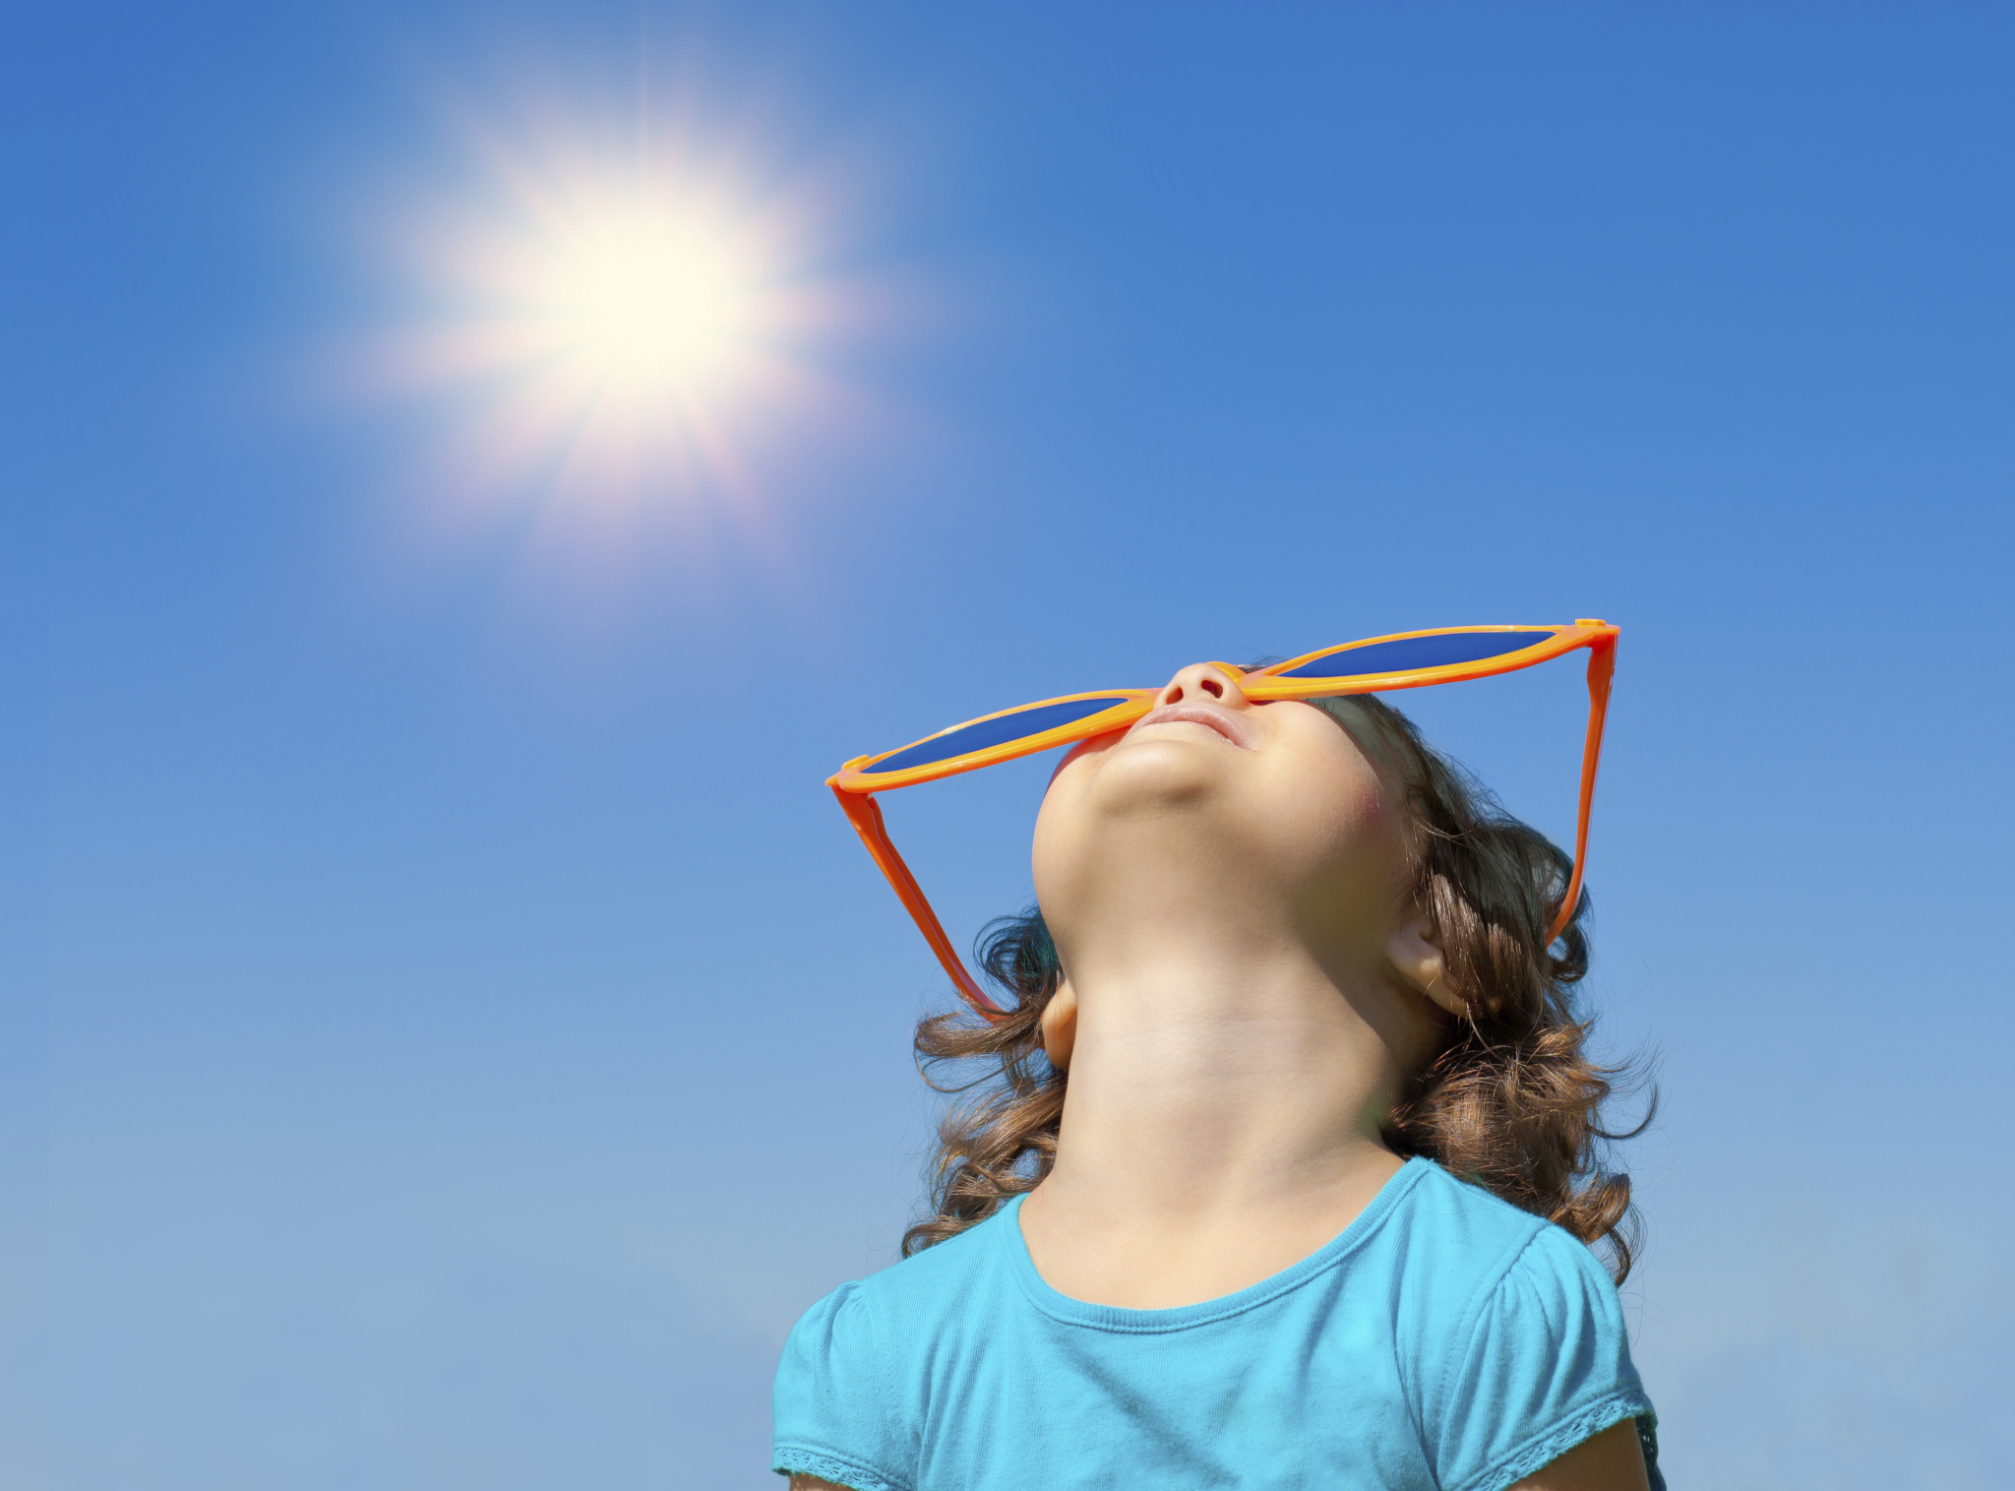 gyakorolja a természetes látás helyreállítását javíthatta-e a látását